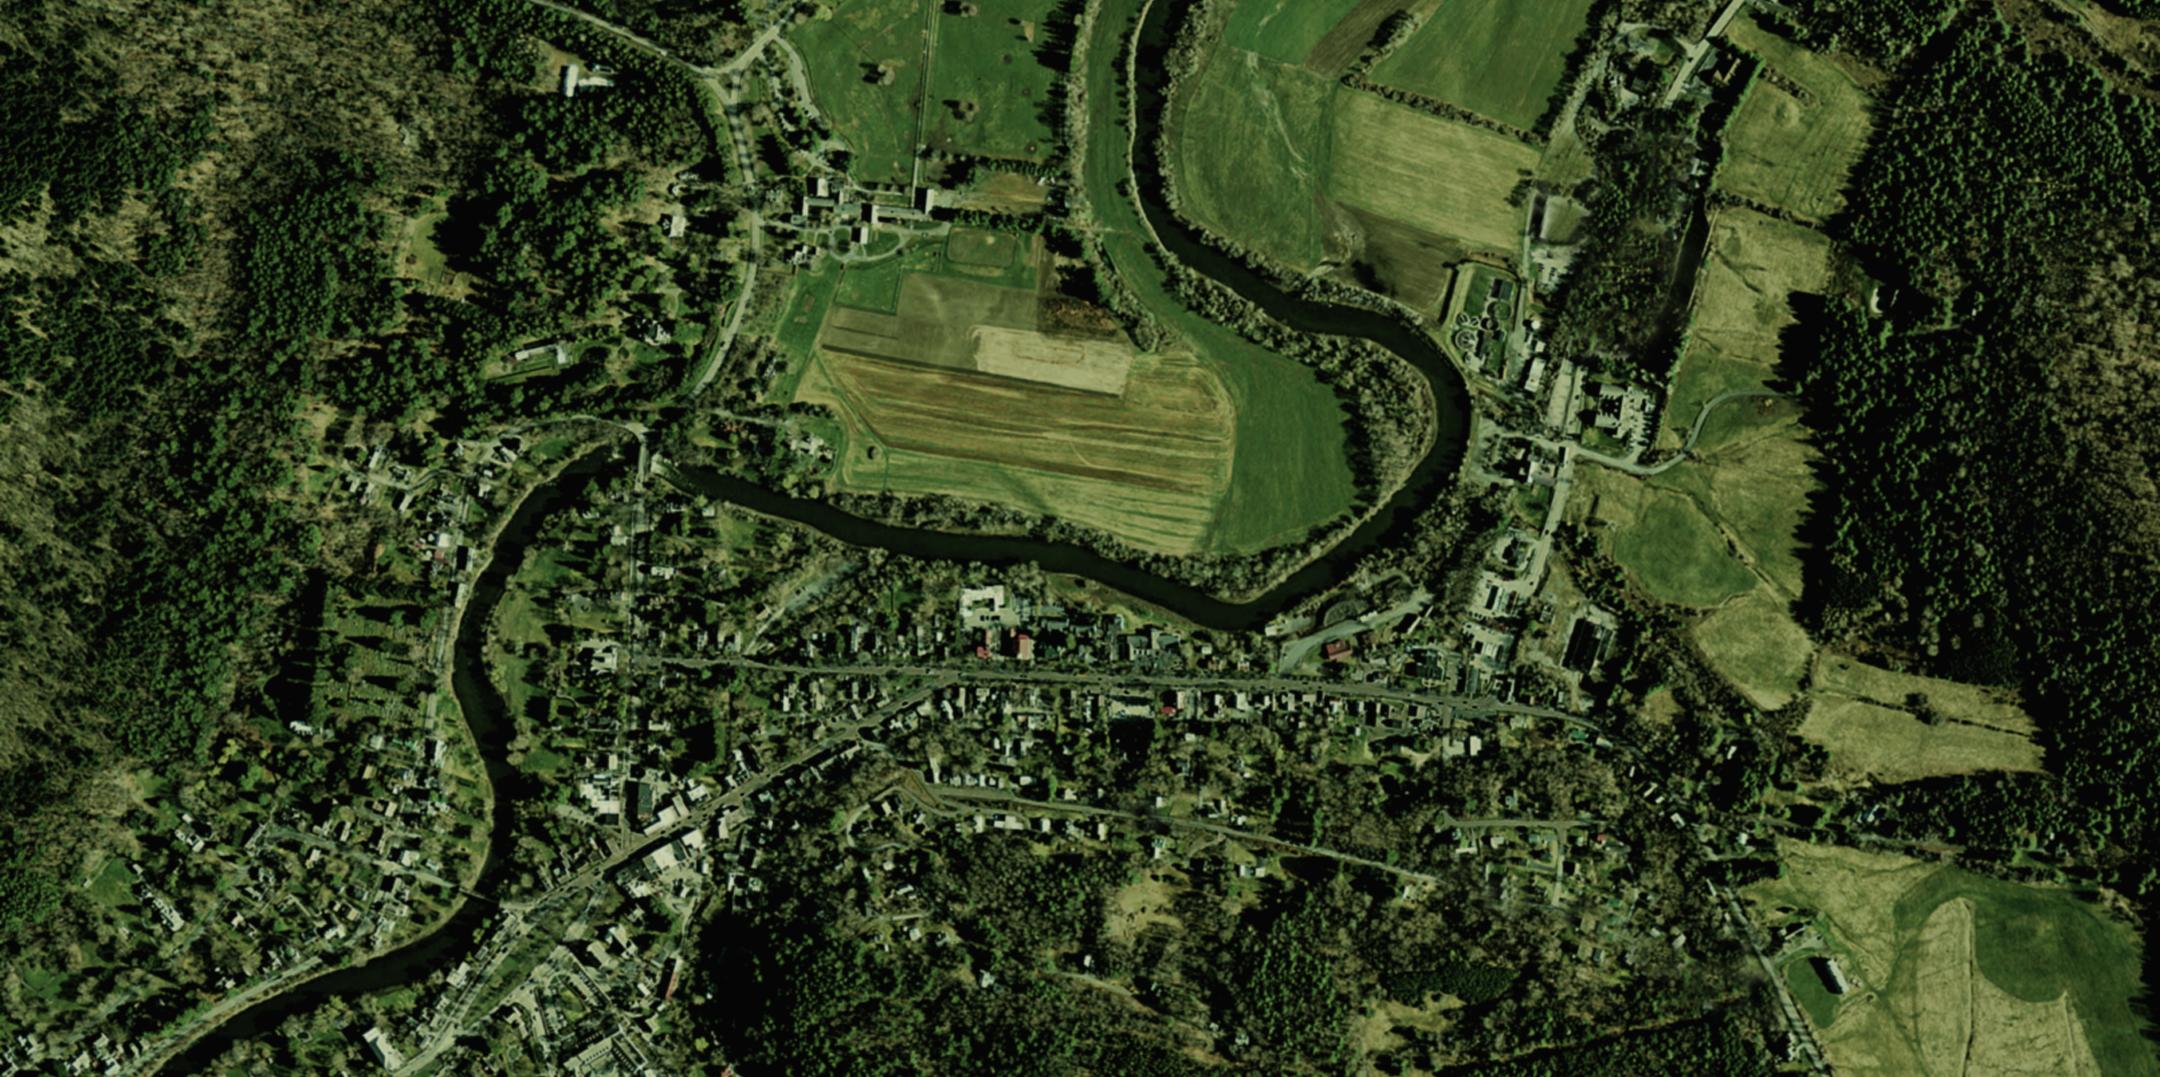 Woodstock_Aerial